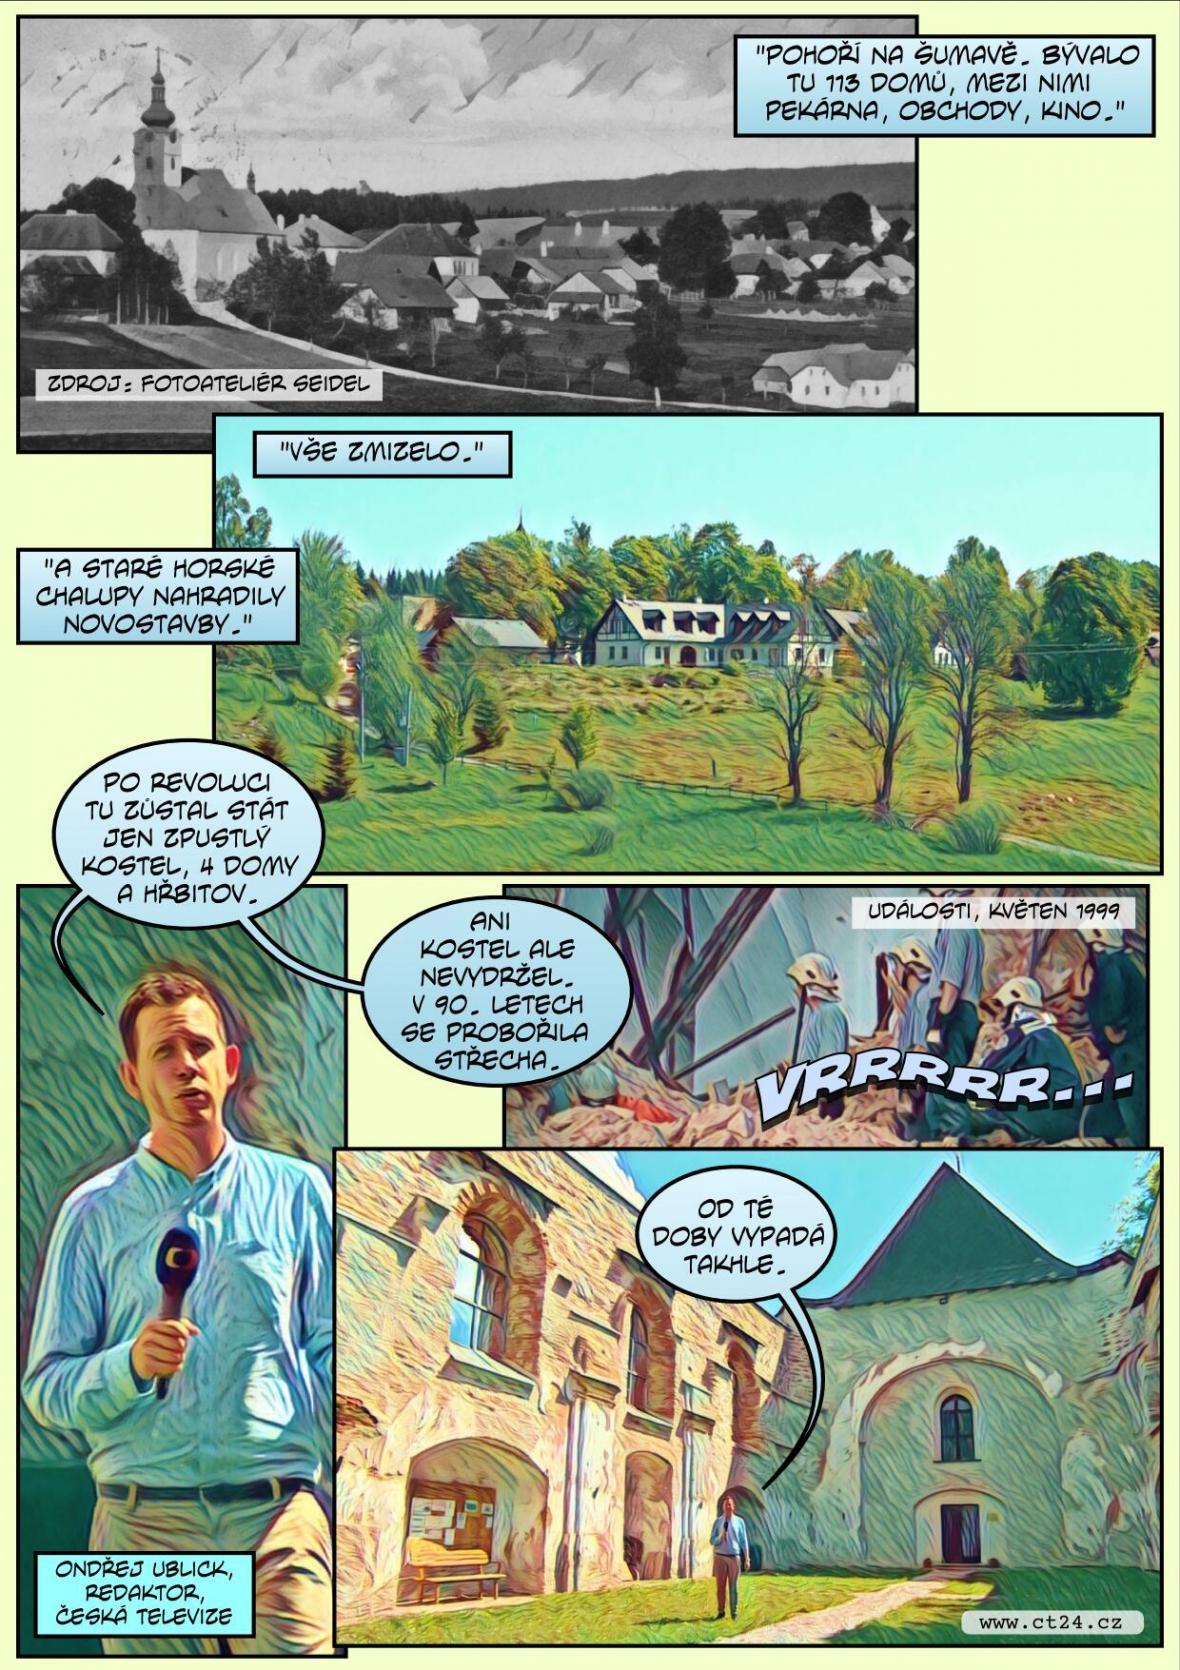 Komiks: Virtuální oživení zaniklých šumavských vesnic